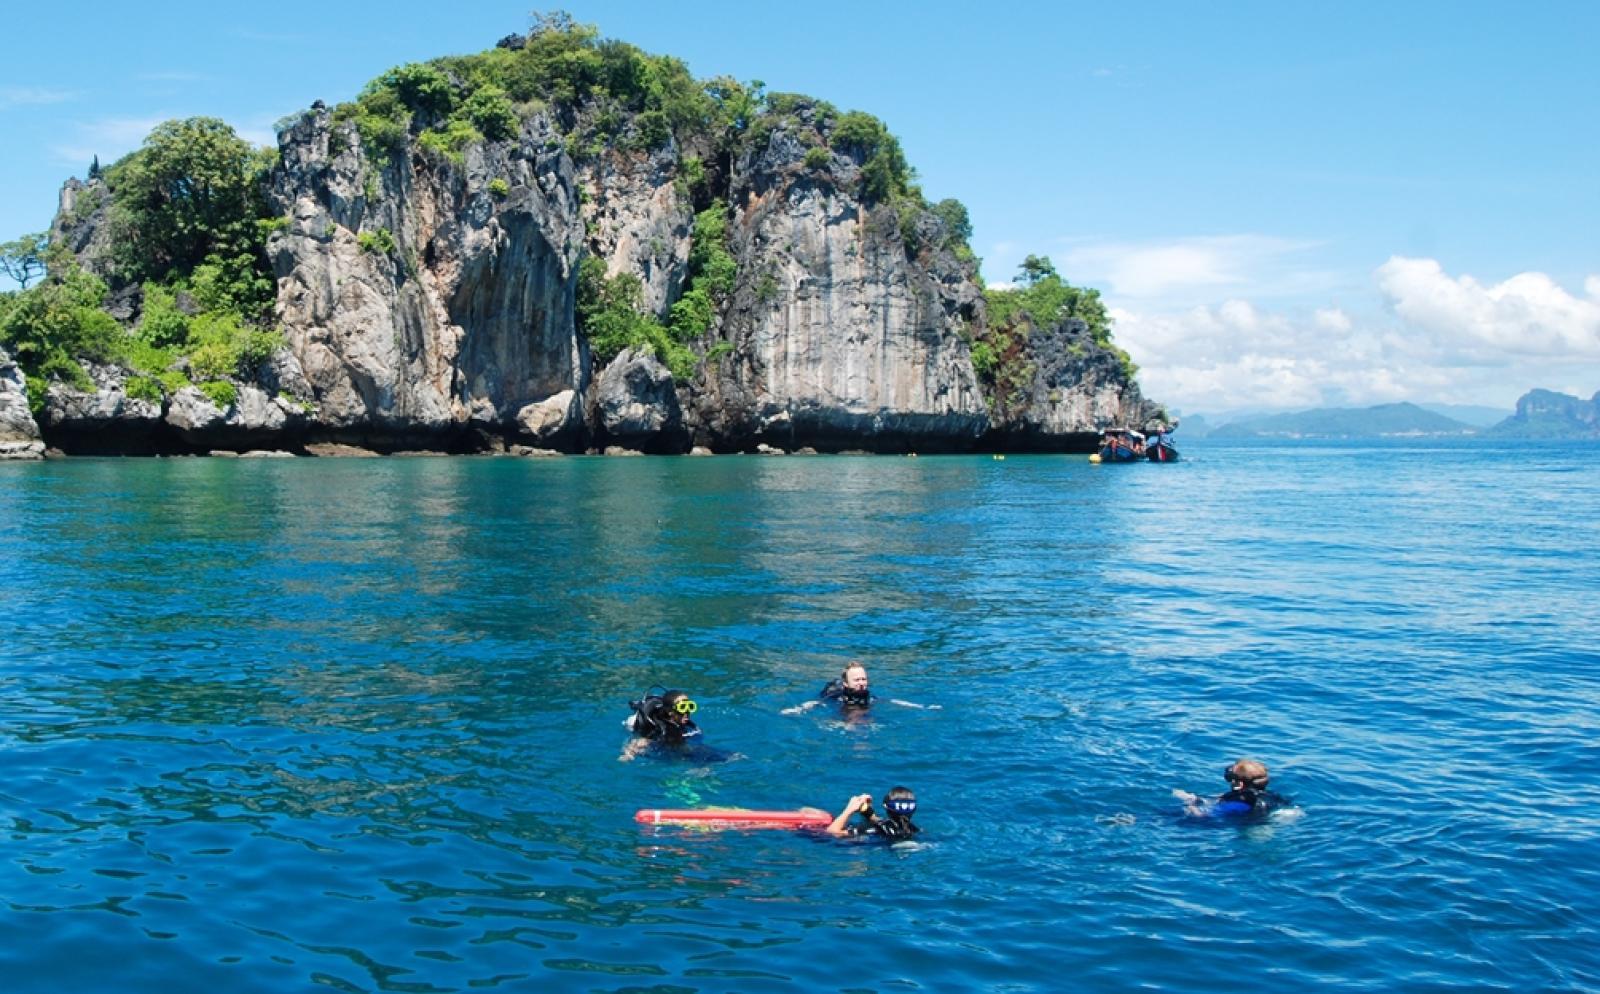 環境保護活動に取り組む高校生ボランティアがタイの海でダイビング調査にあたる